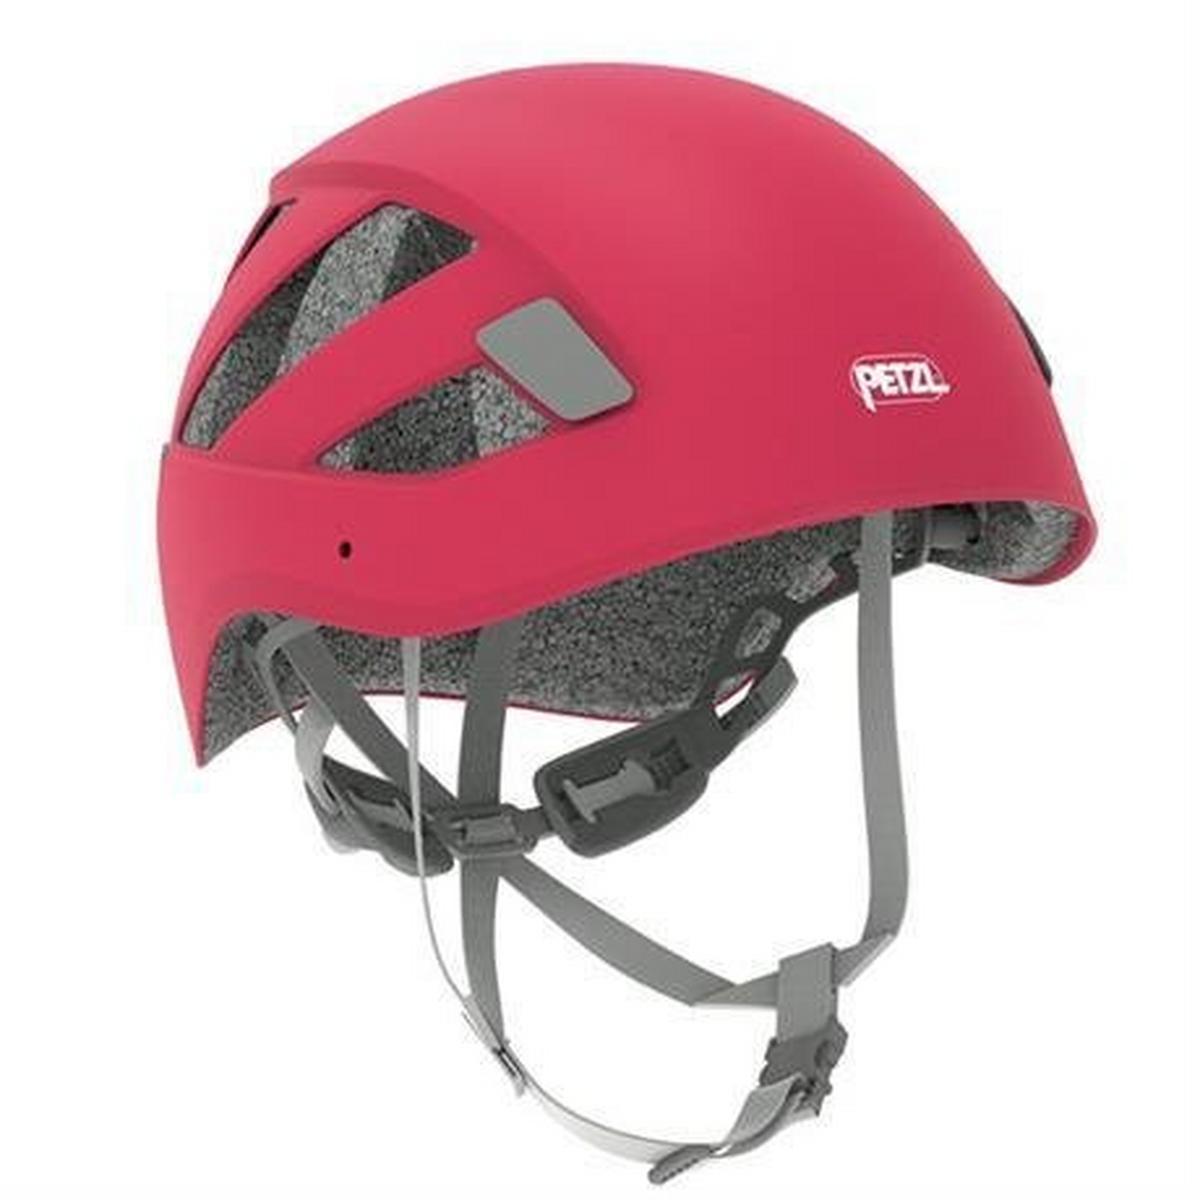 Petzl Charlet Petzl Climbing Helmet Boreo Raspberry